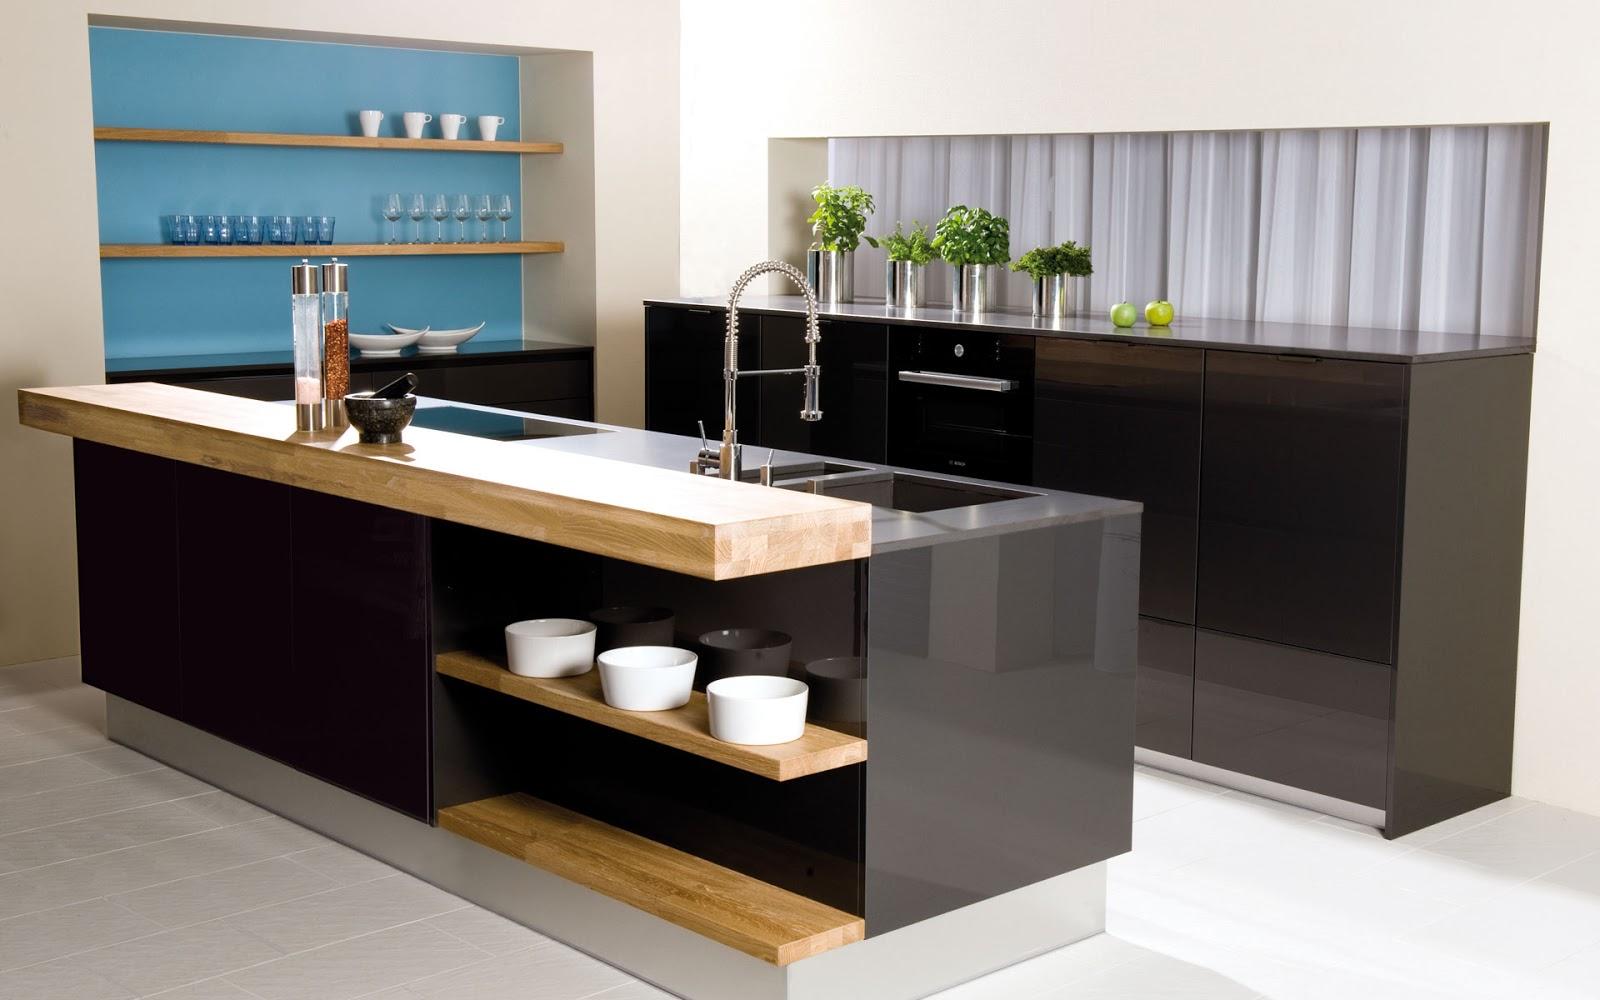 30 ideas de mesas y barras para comer en la cocina for Ideas para la cosina